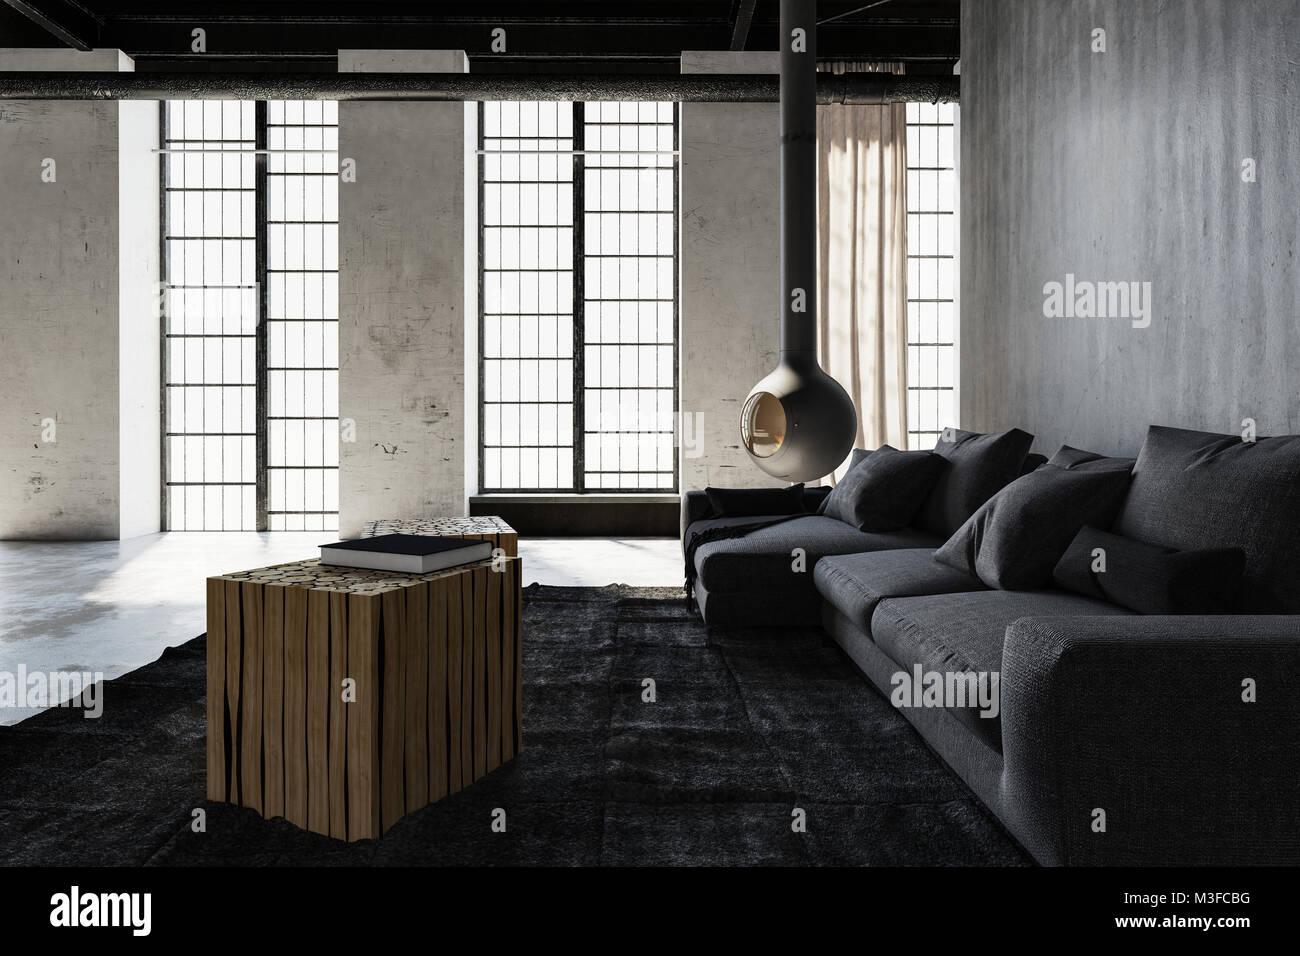 Die moderne industrielle Dachbodenumwandlung Wohnzimmer mit ...